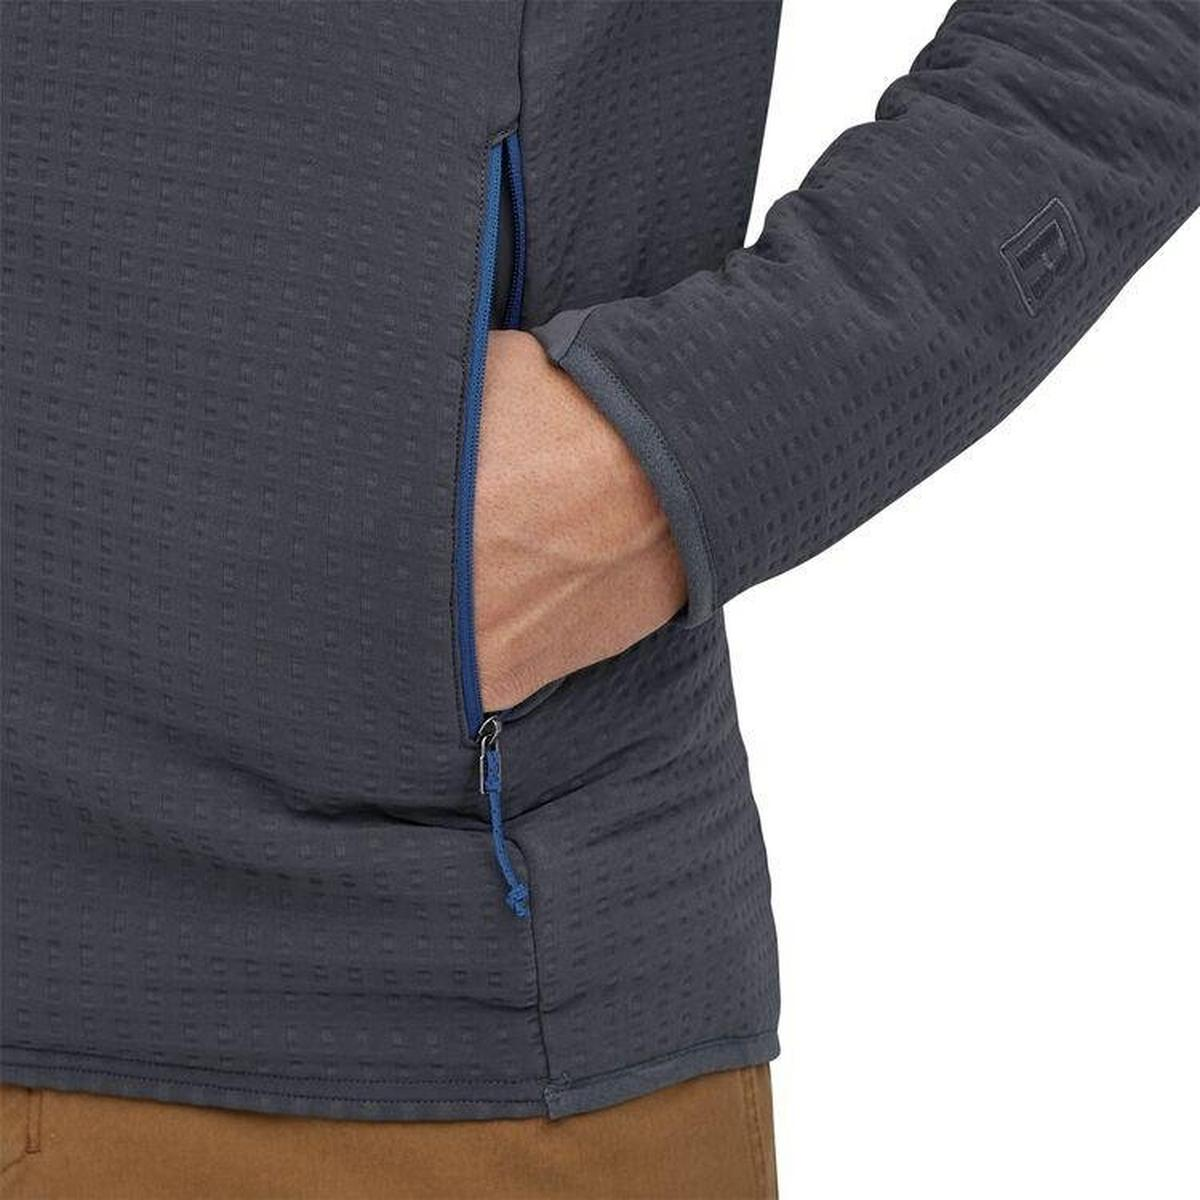 Patagonia Men's R2 Techface Jacket - Grey